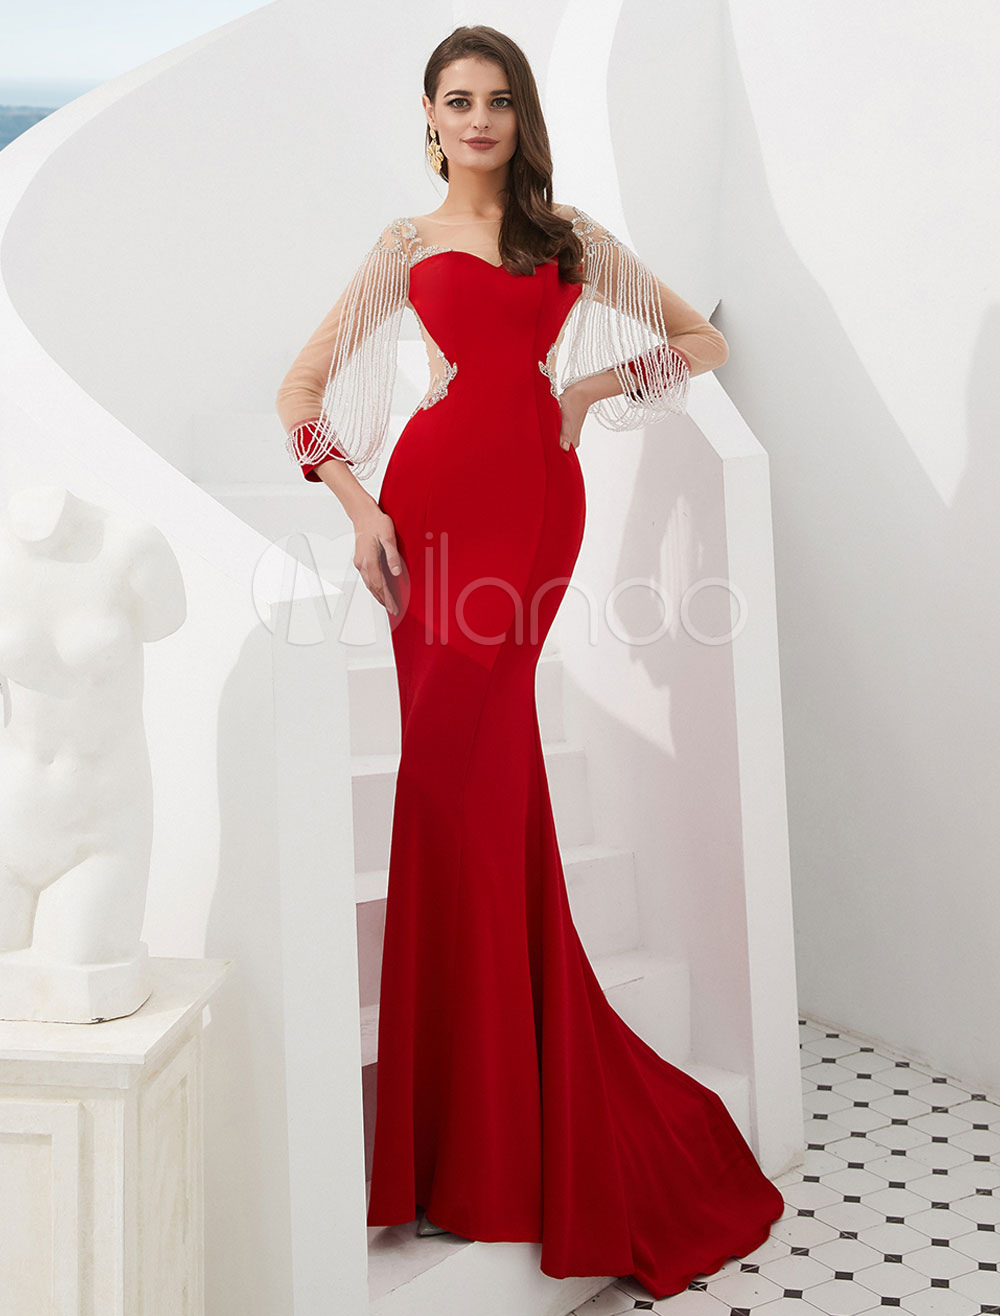 rote abendkleider meerjungfrau ketten illusion lange Ärmel luxus  abendkleider